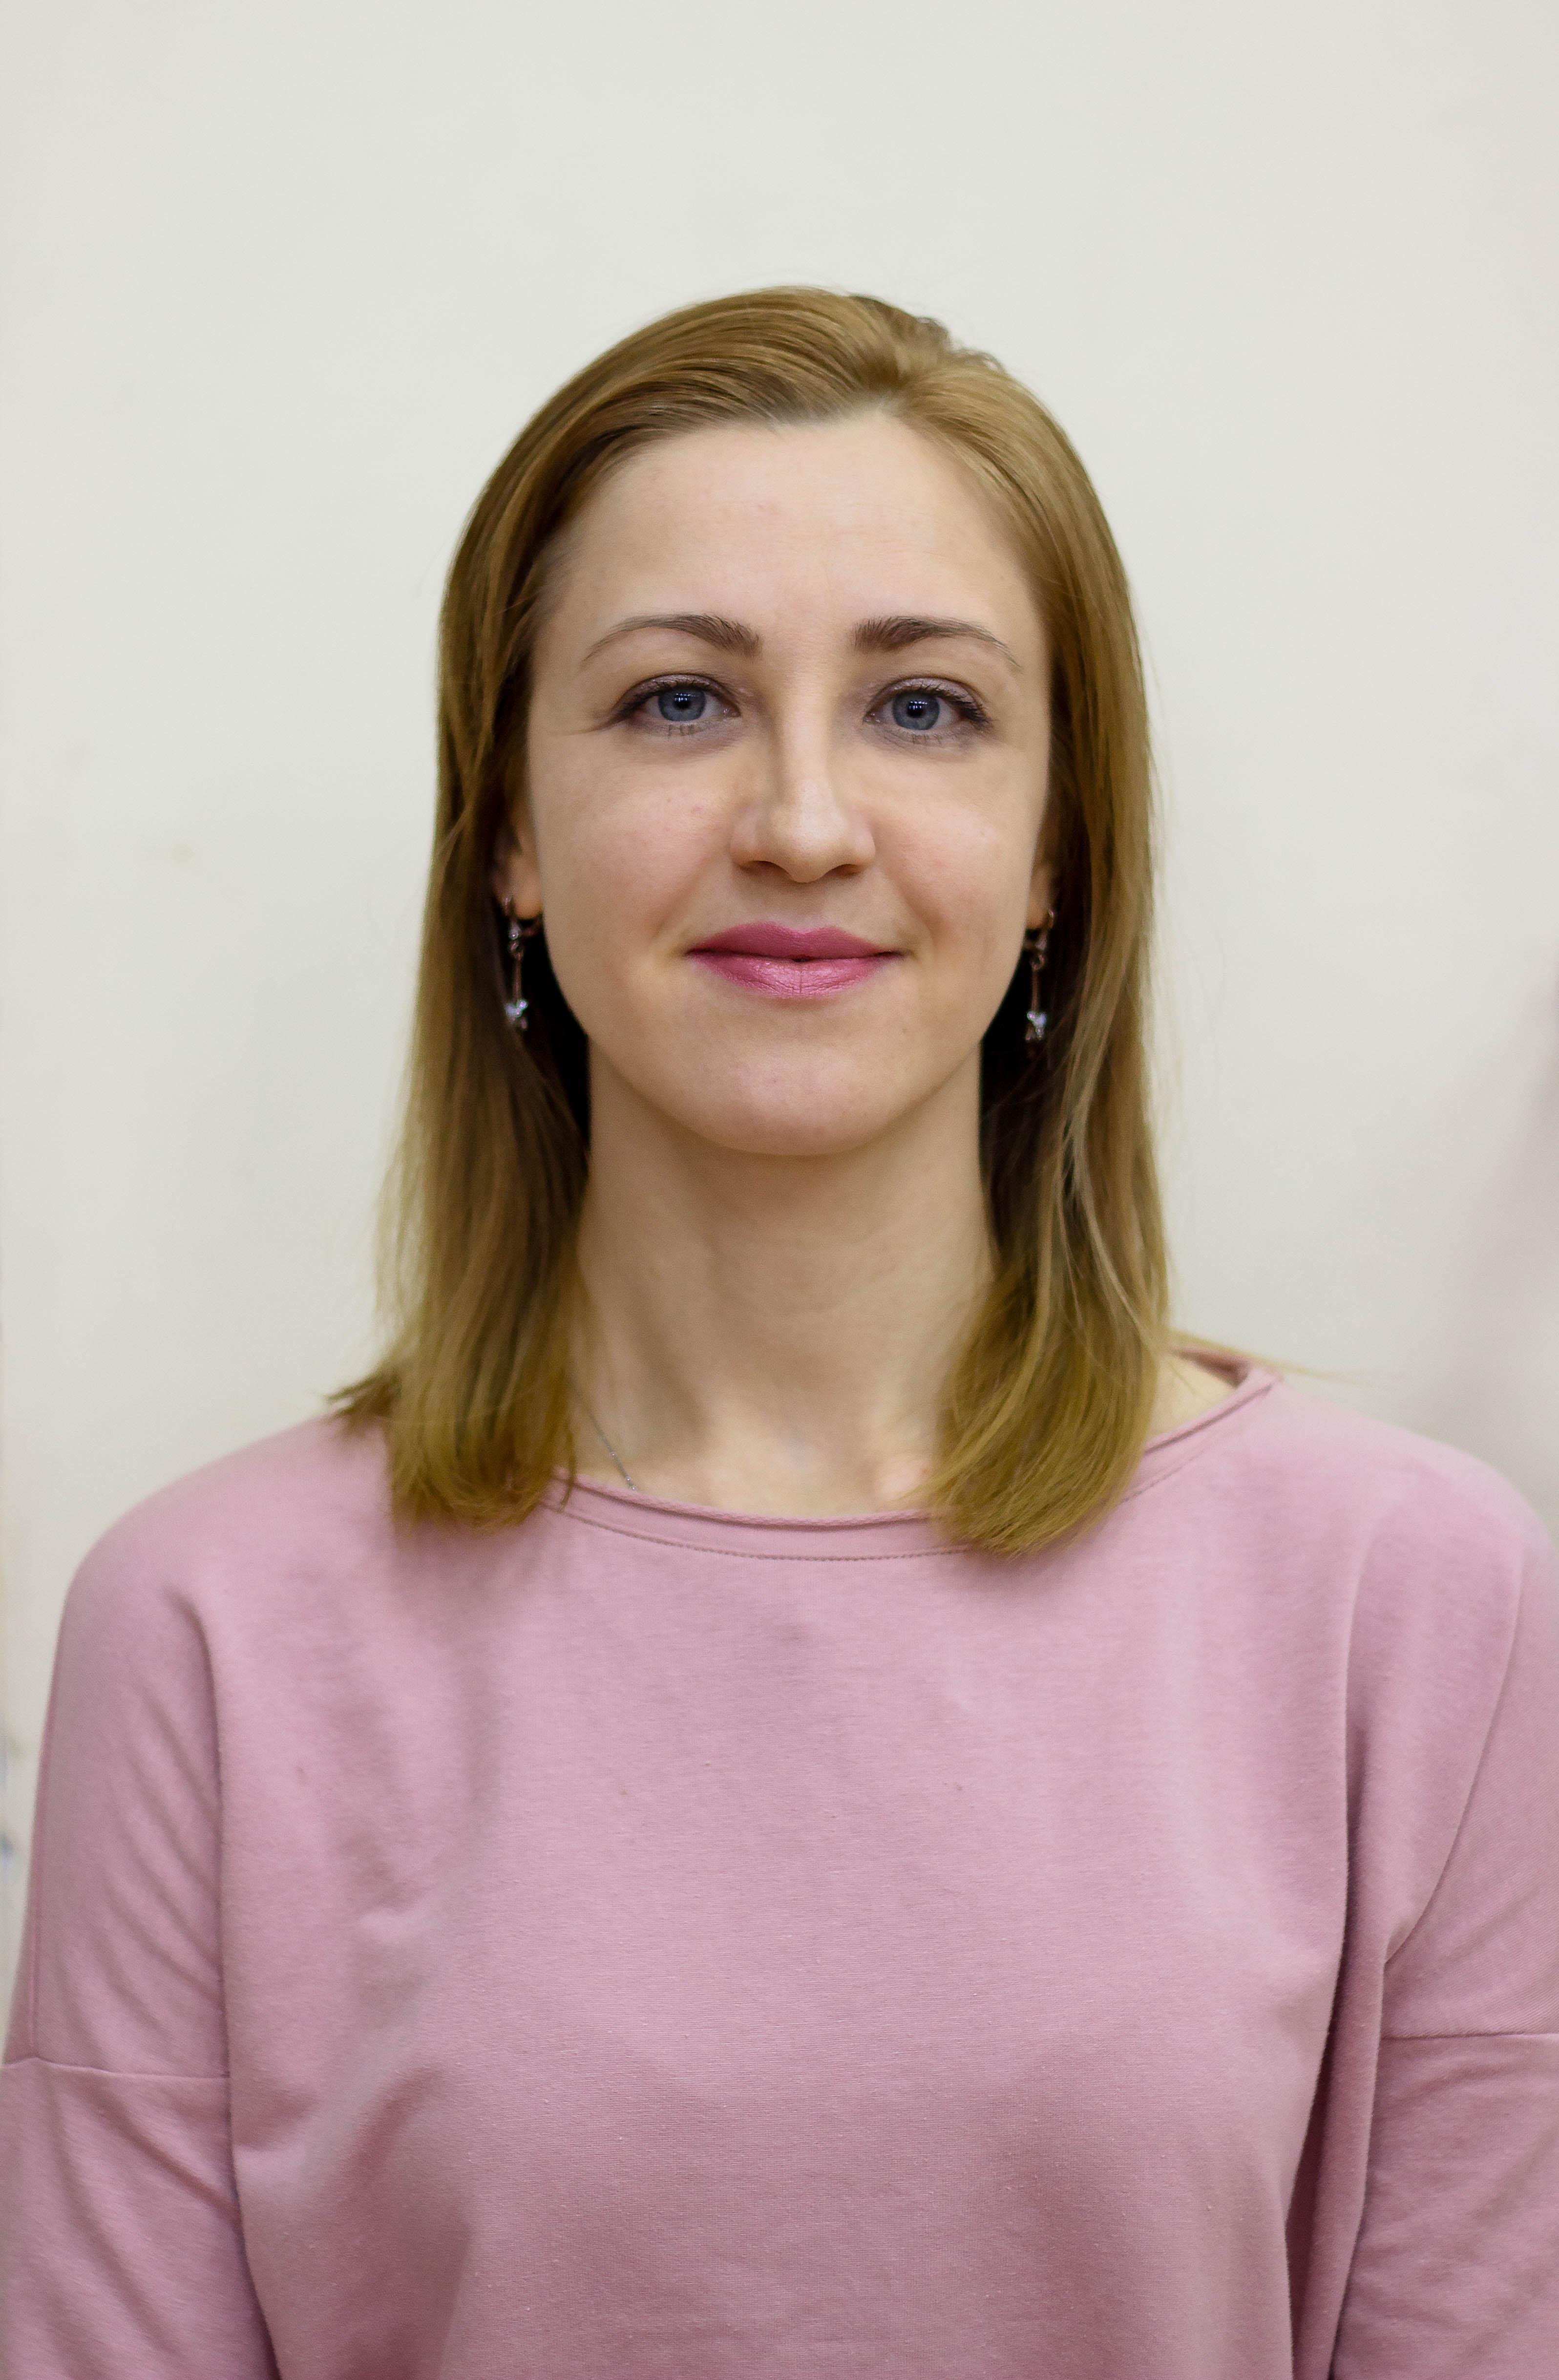 Верниченко Анна Владимировна хореограф